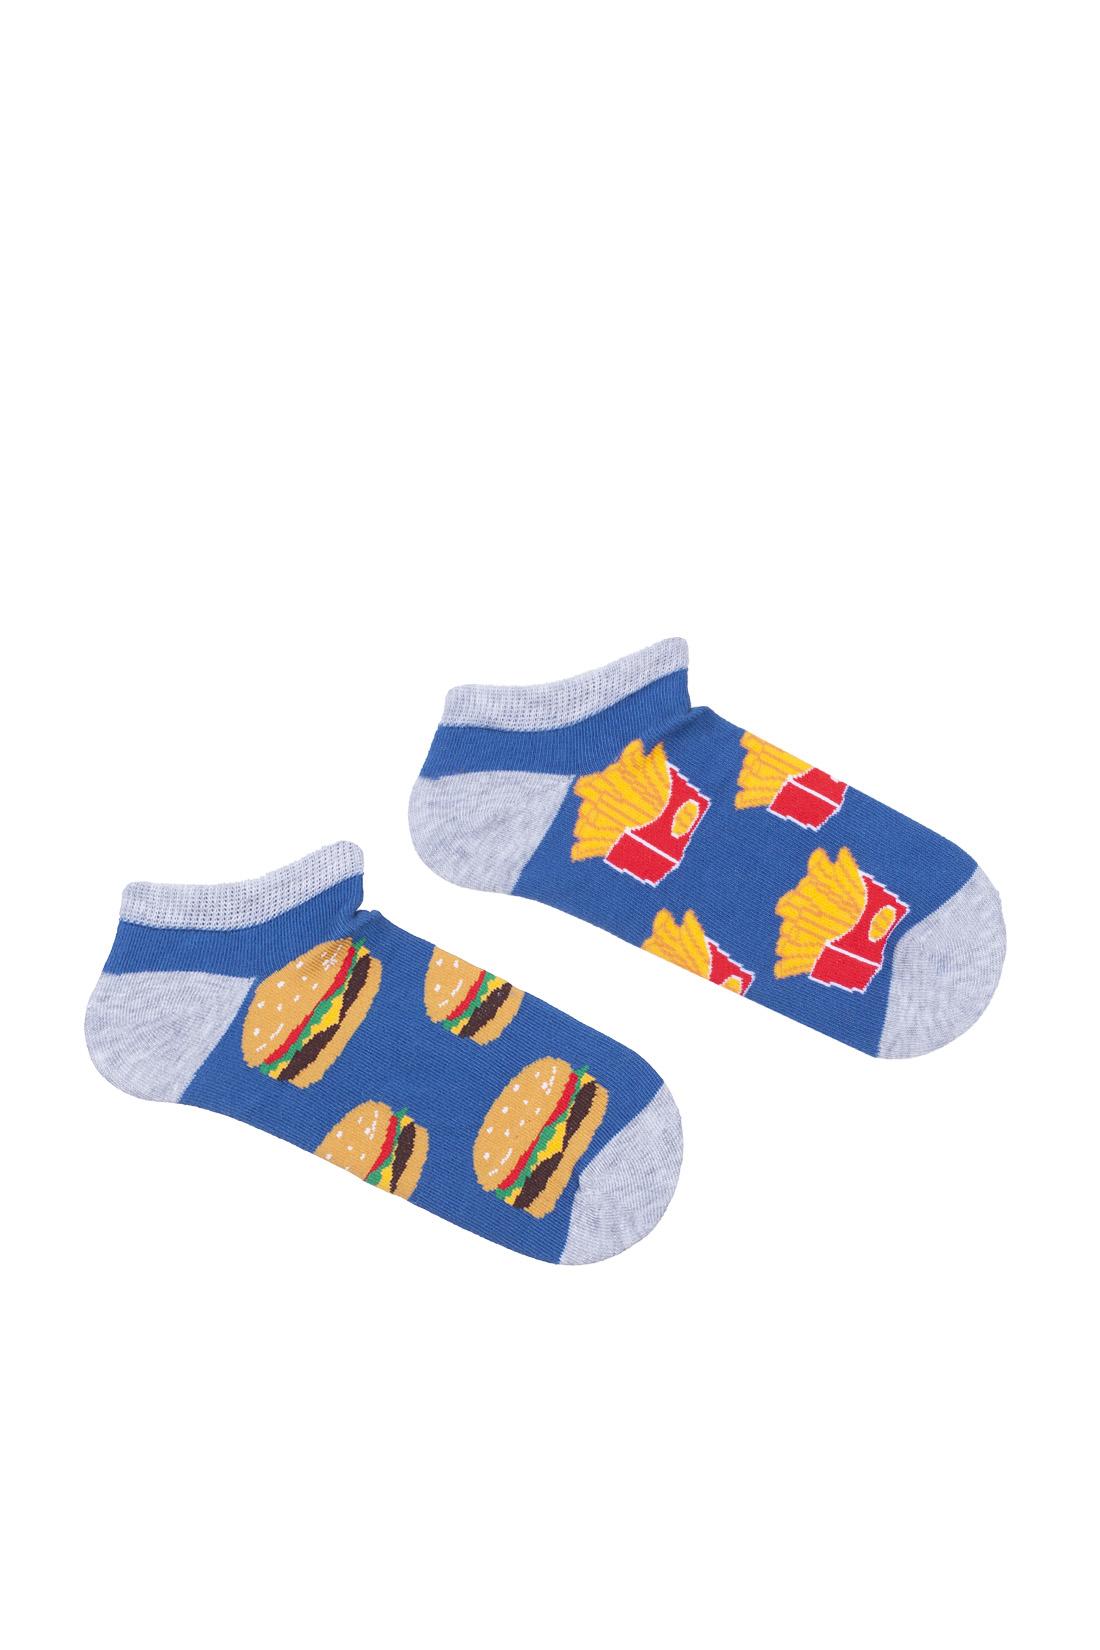 Kolorowe stopki dziecięce w frytki i hamburgery,dwie różne stopki na niebieskiej podstawie